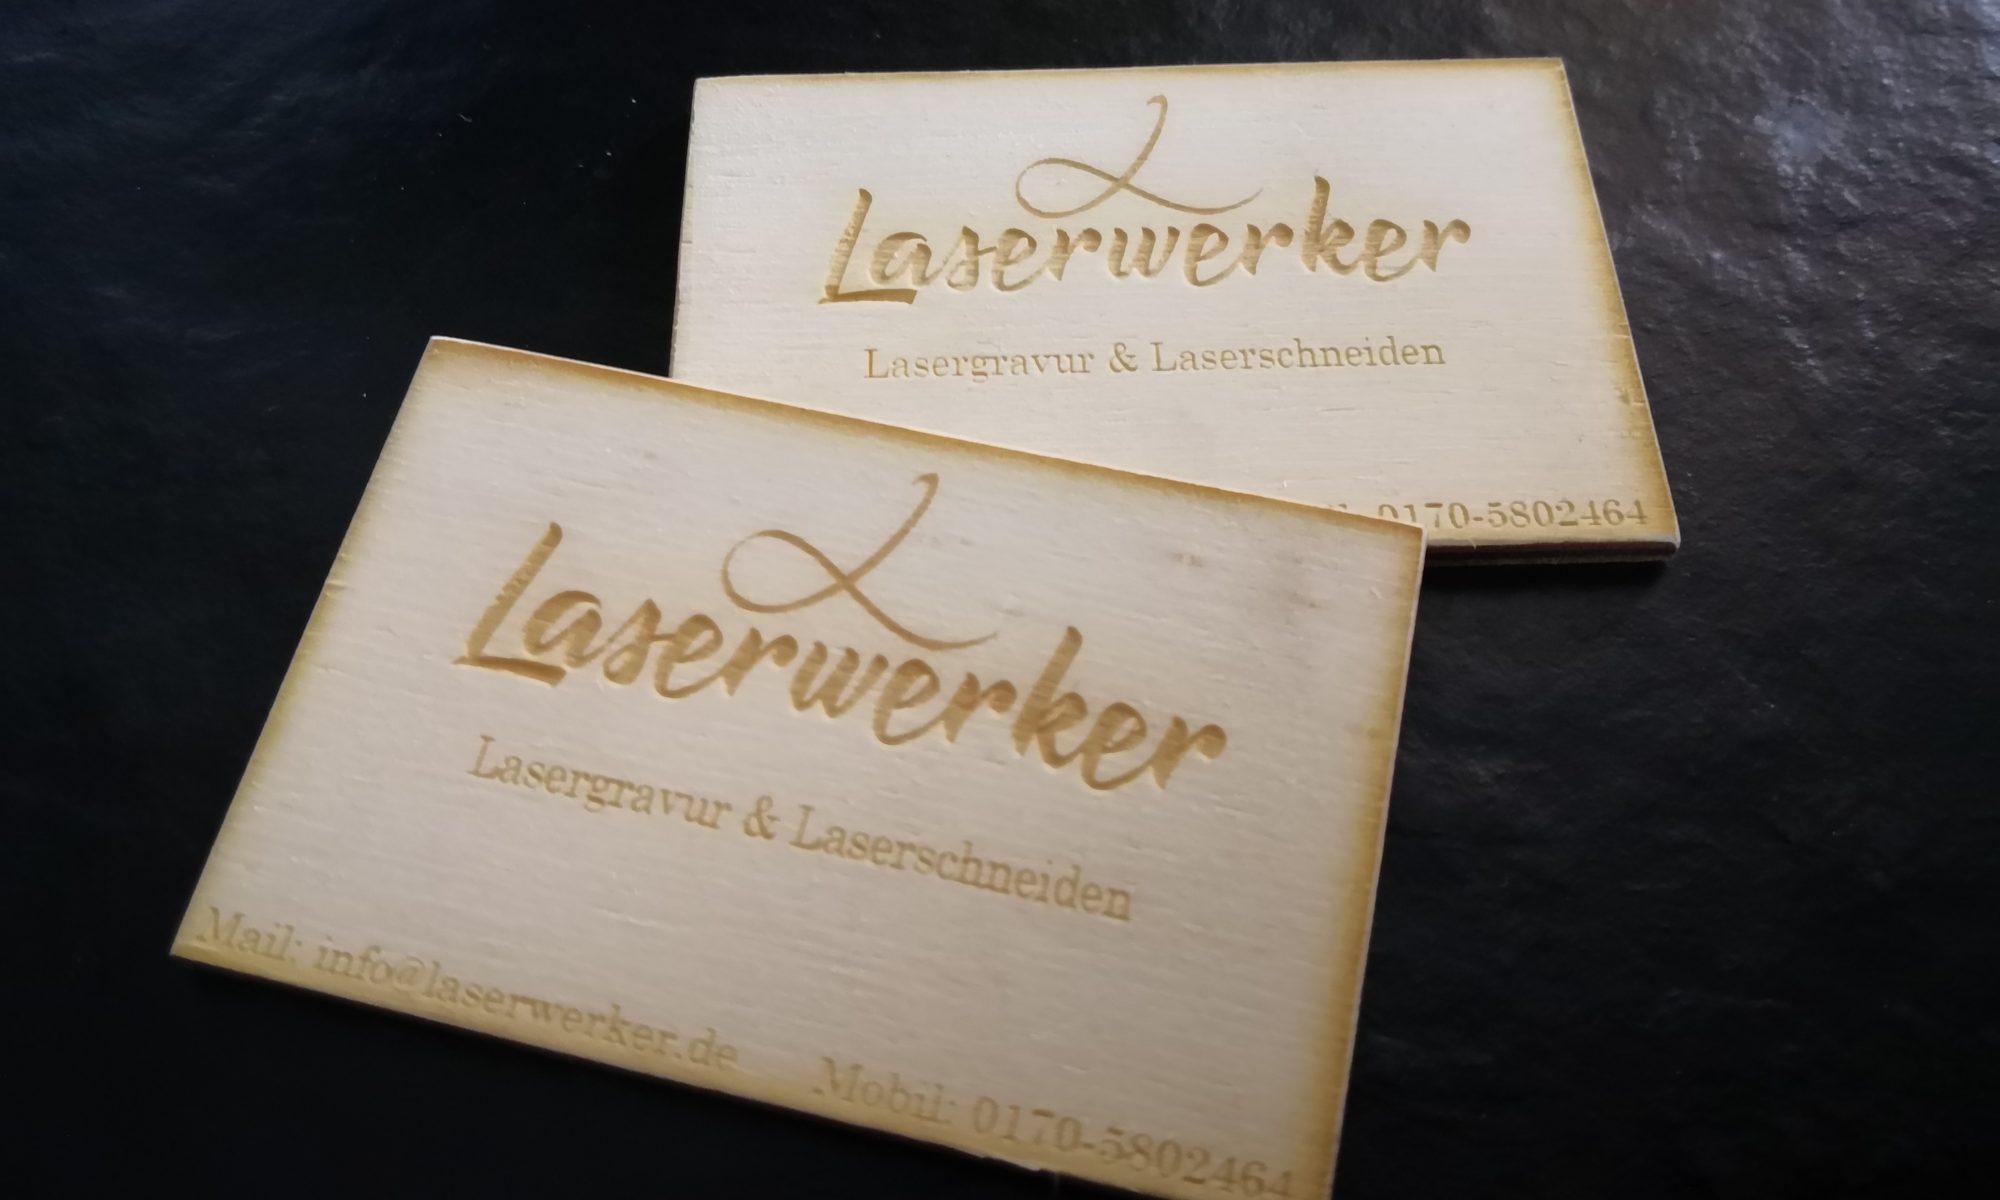 Holz Gravieren Und Laserschneiden Laserwerker